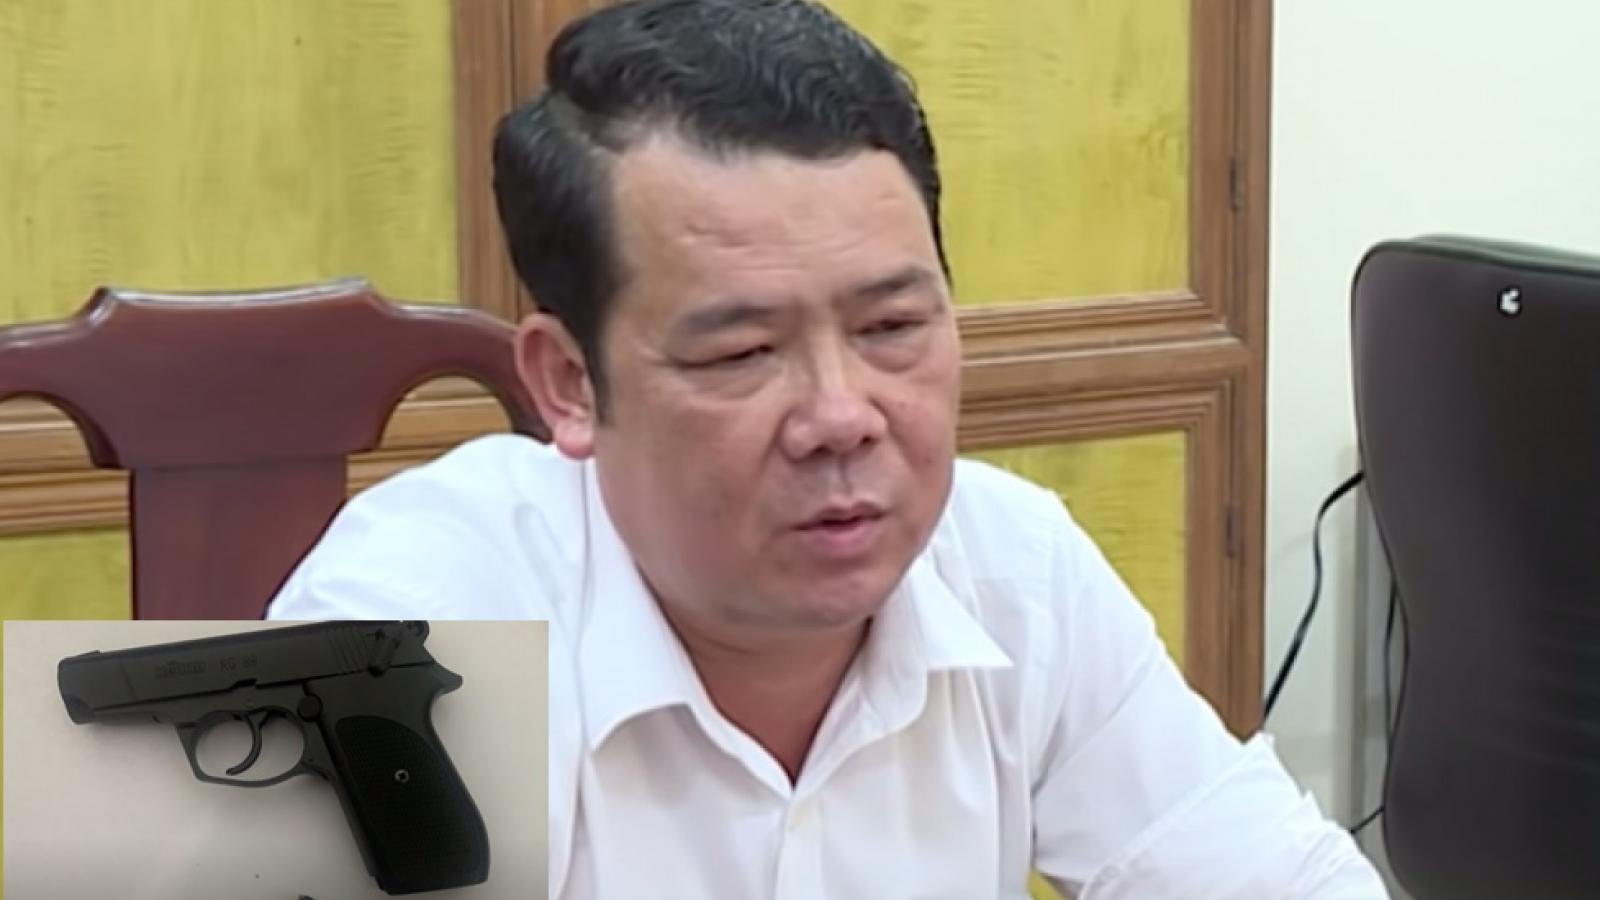 Nóng 24h: Khẩu súng của giám đốc dọa bắn người ở Bắc Ninh là loại gì?